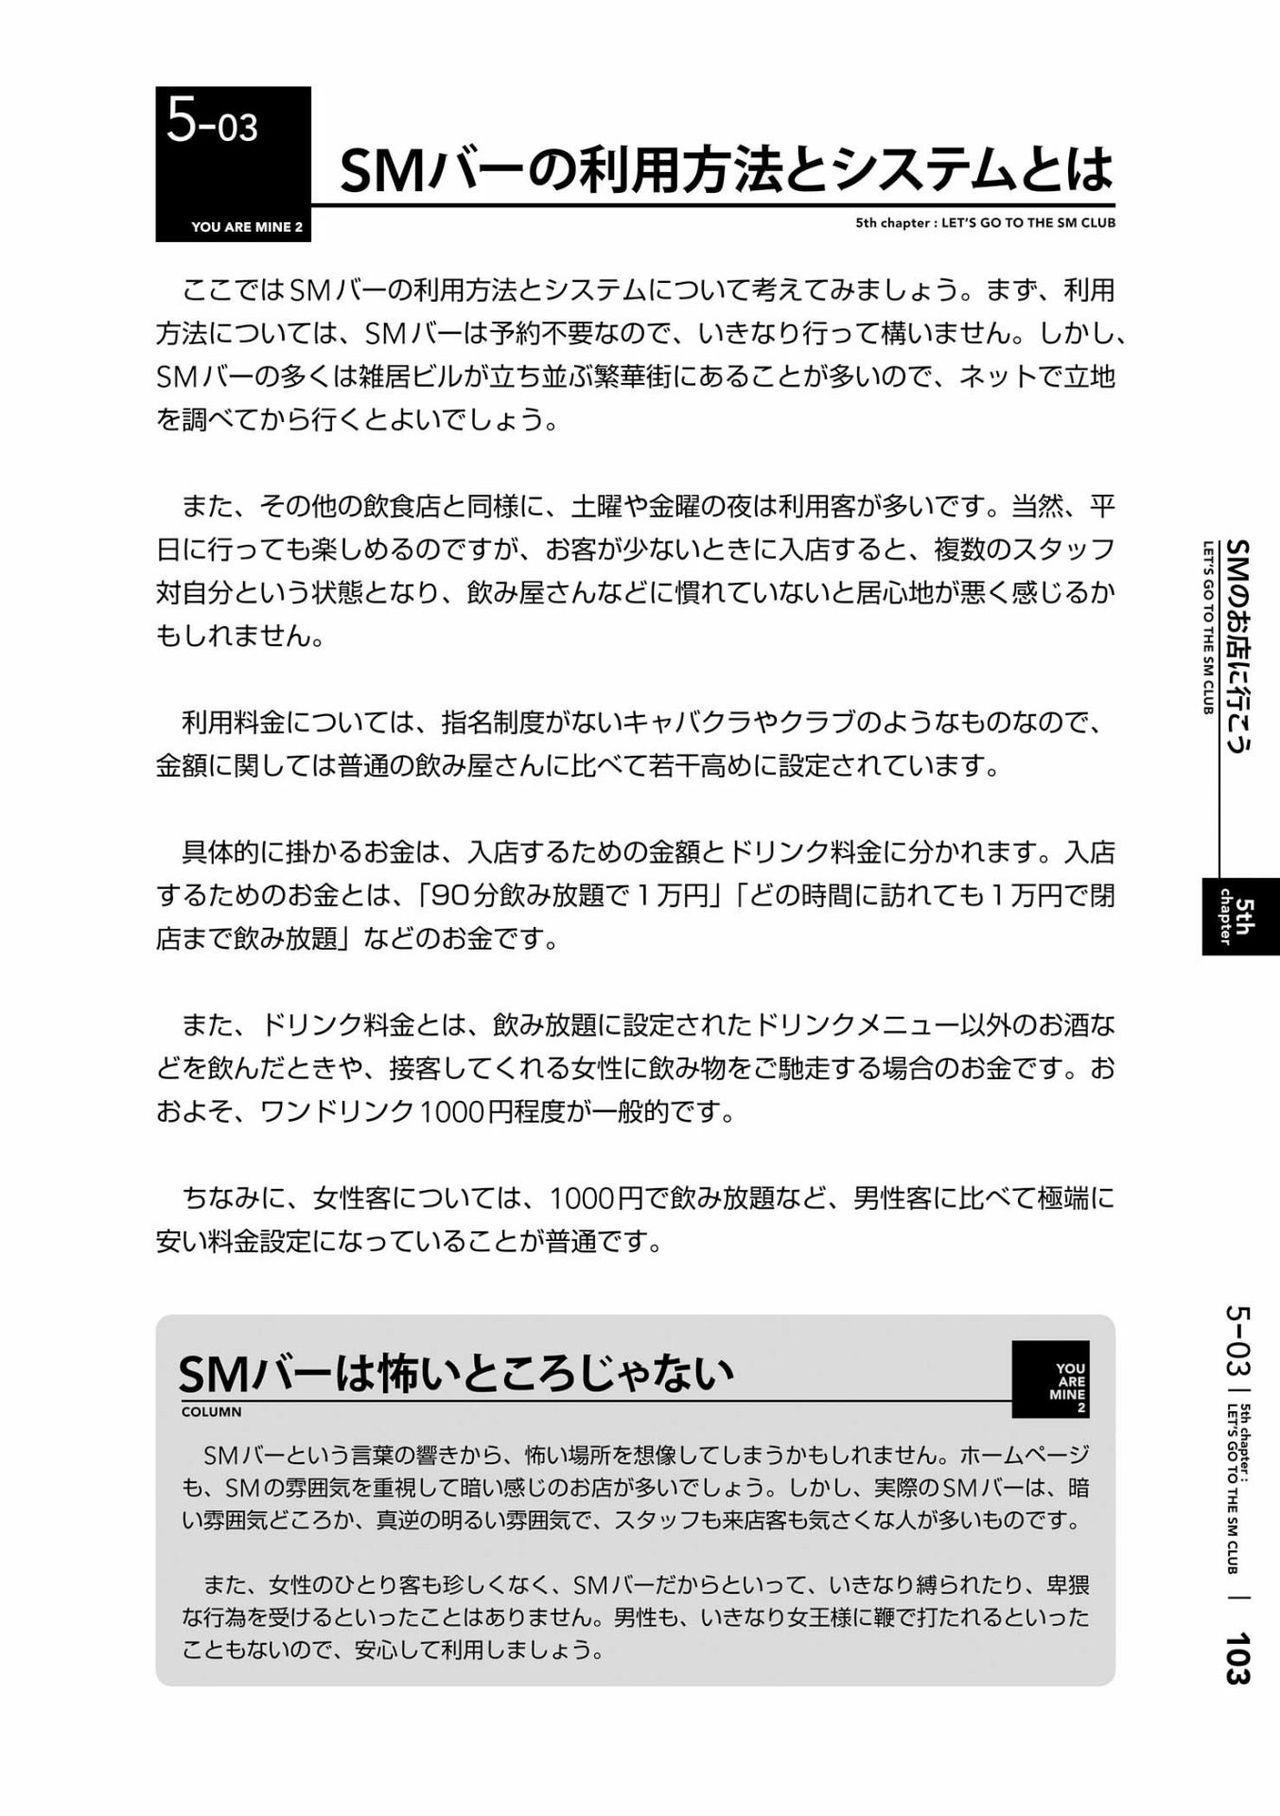 [Mitsuba] Karada mo Kokoro mo Boku no Mono ~Hajimete no SM Guide~ 2 [Digital] 105